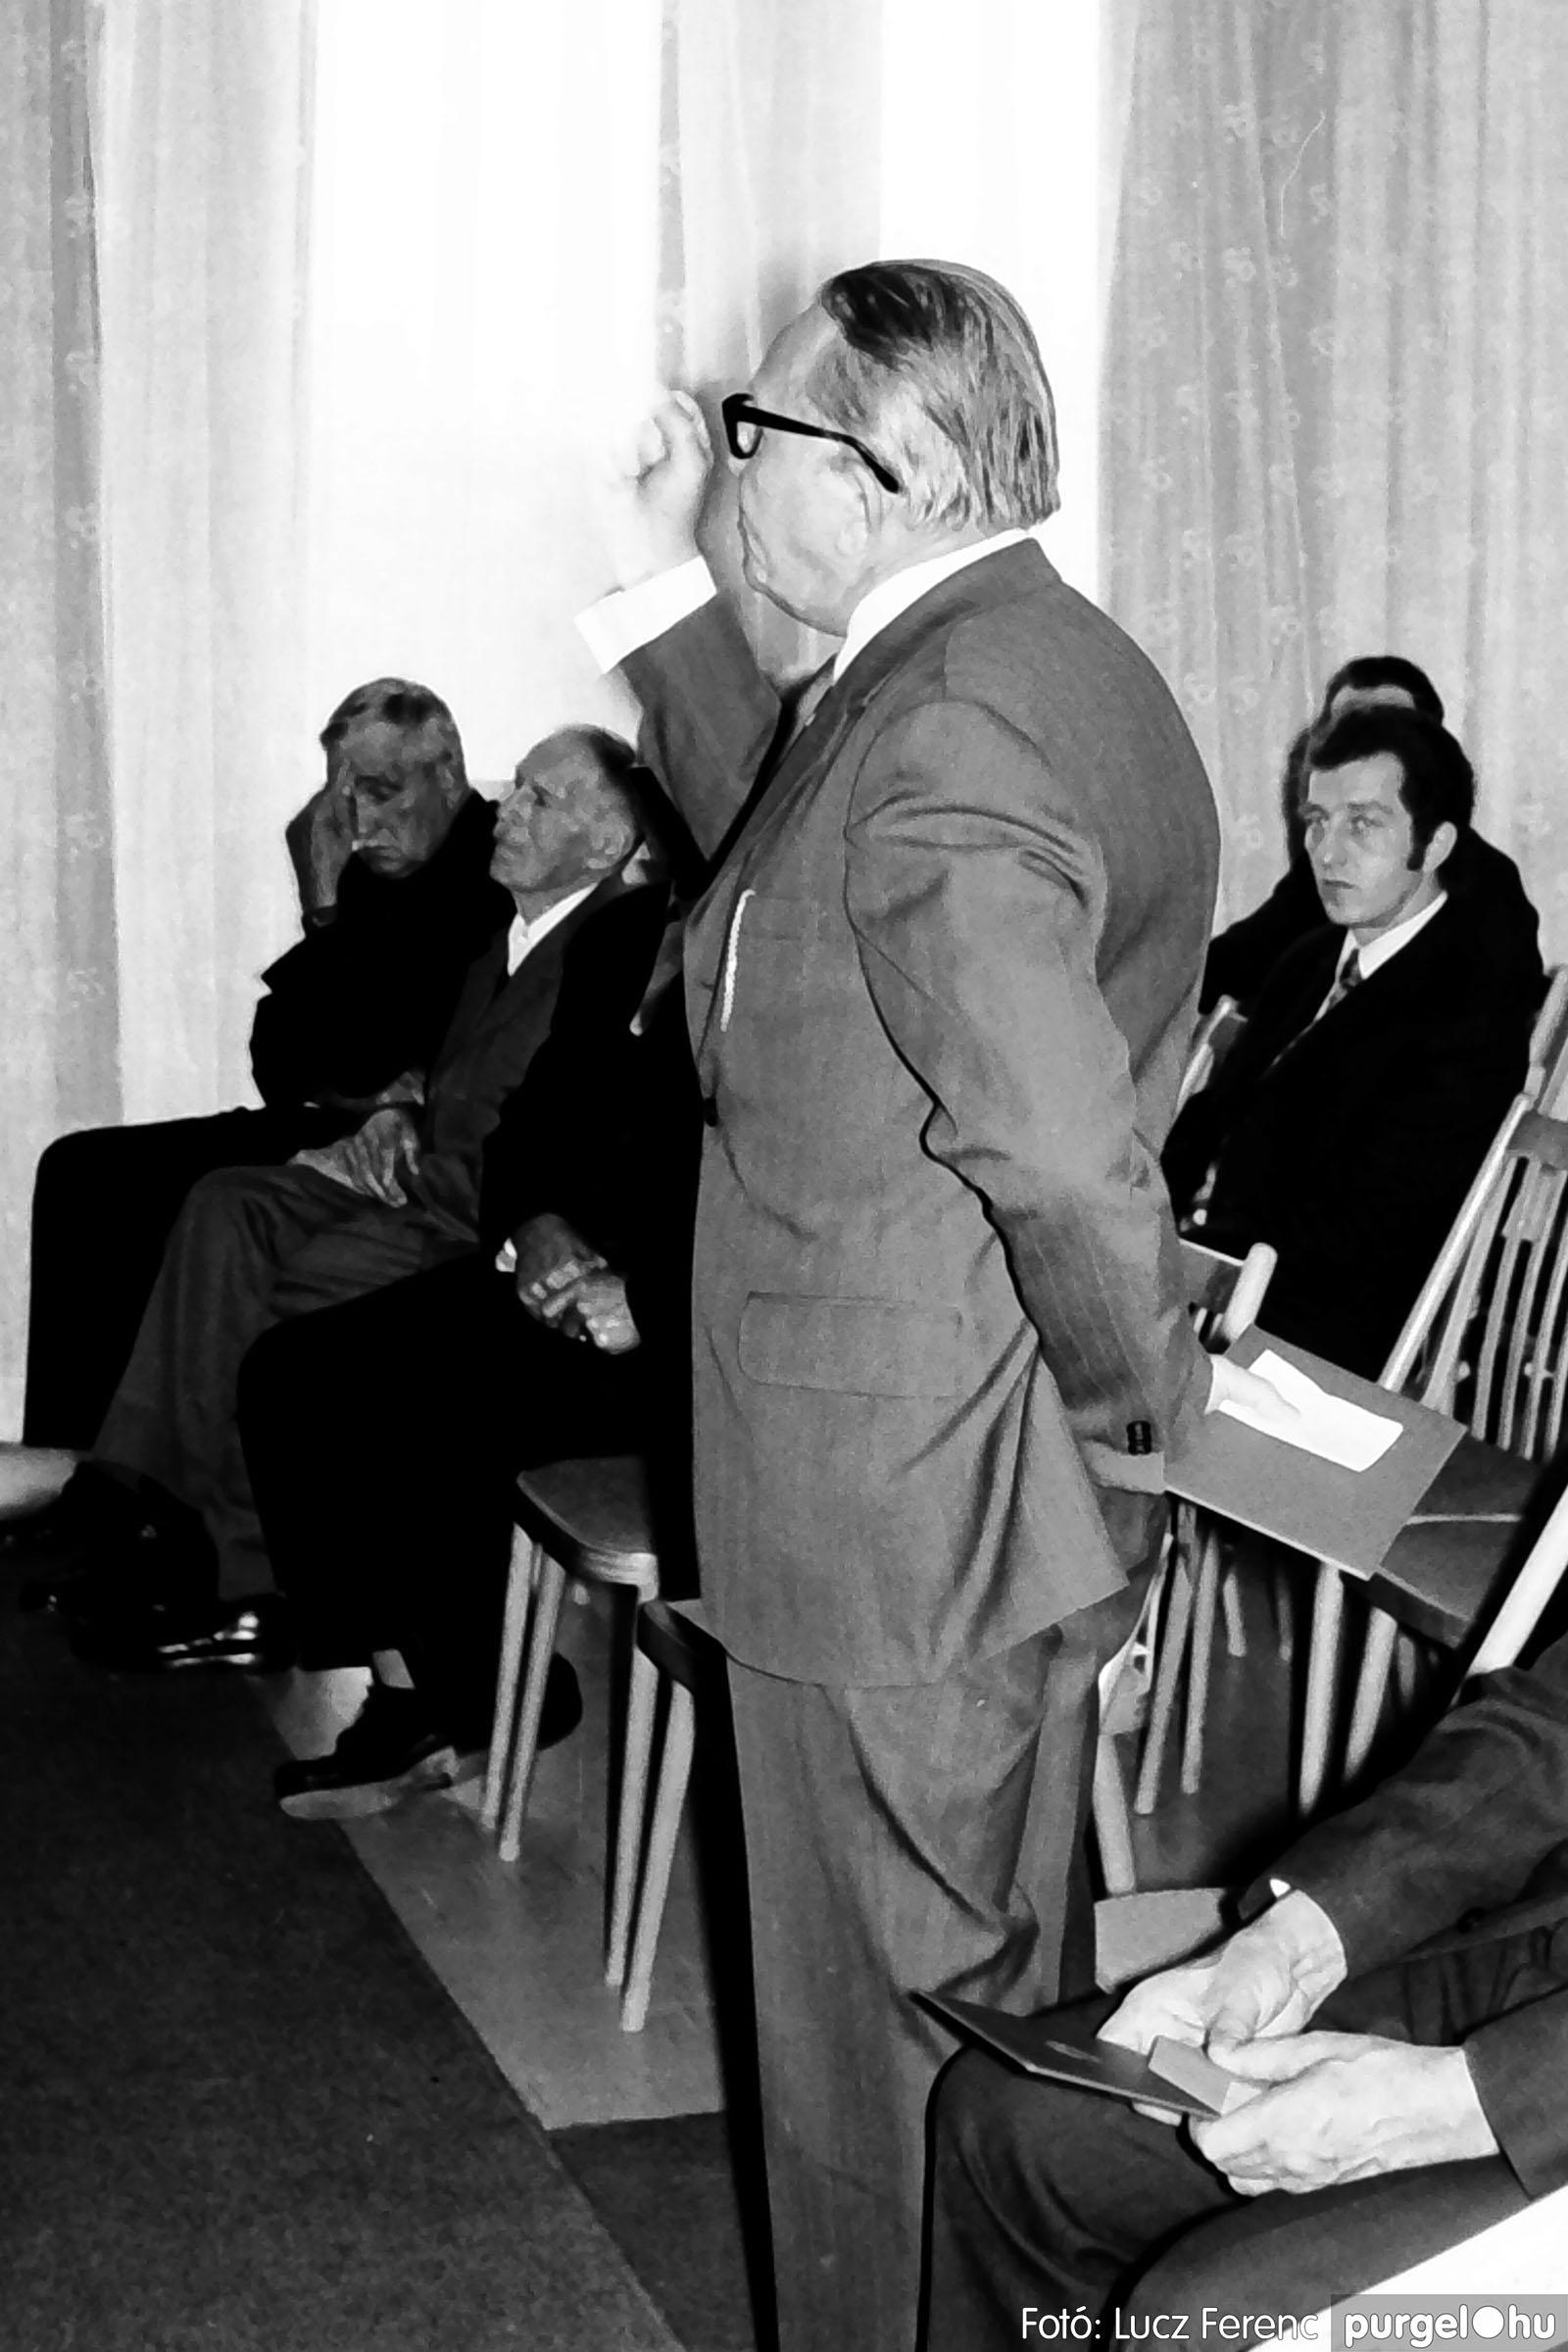 022 1975. Ünnepi ülés a tanácsházán 009 - Fotó: Lucz Ferenc .jpg